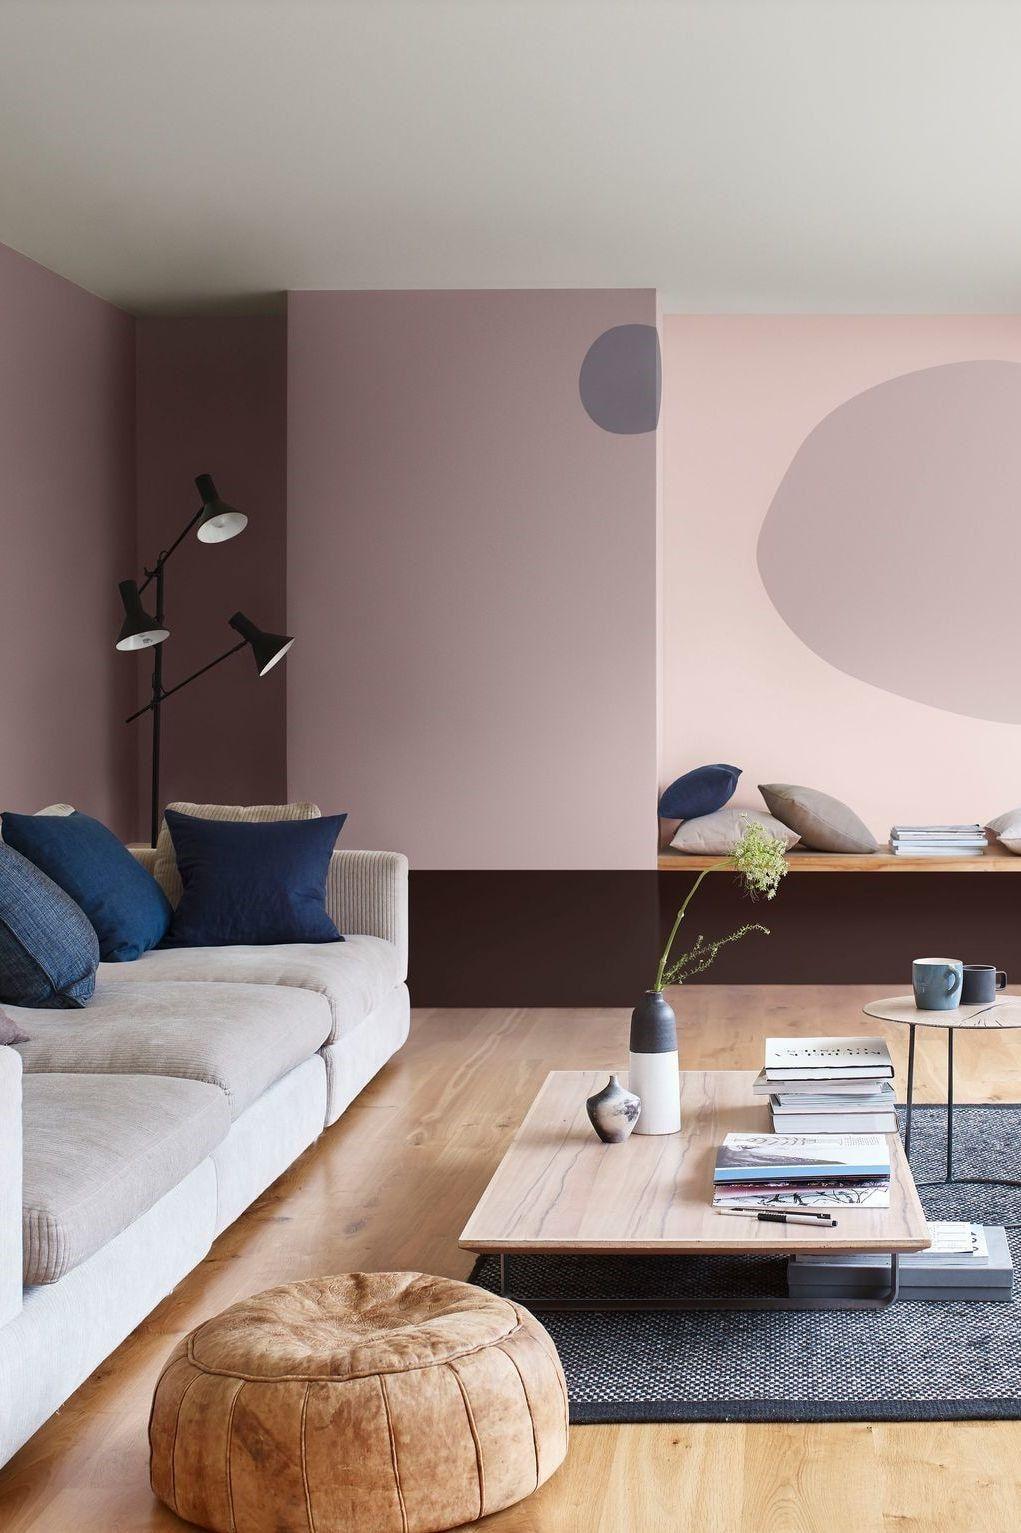 Couleur Mur Salon 2019 deco : 10 couleurs les plus tendance en 2019 ! | couleur mur